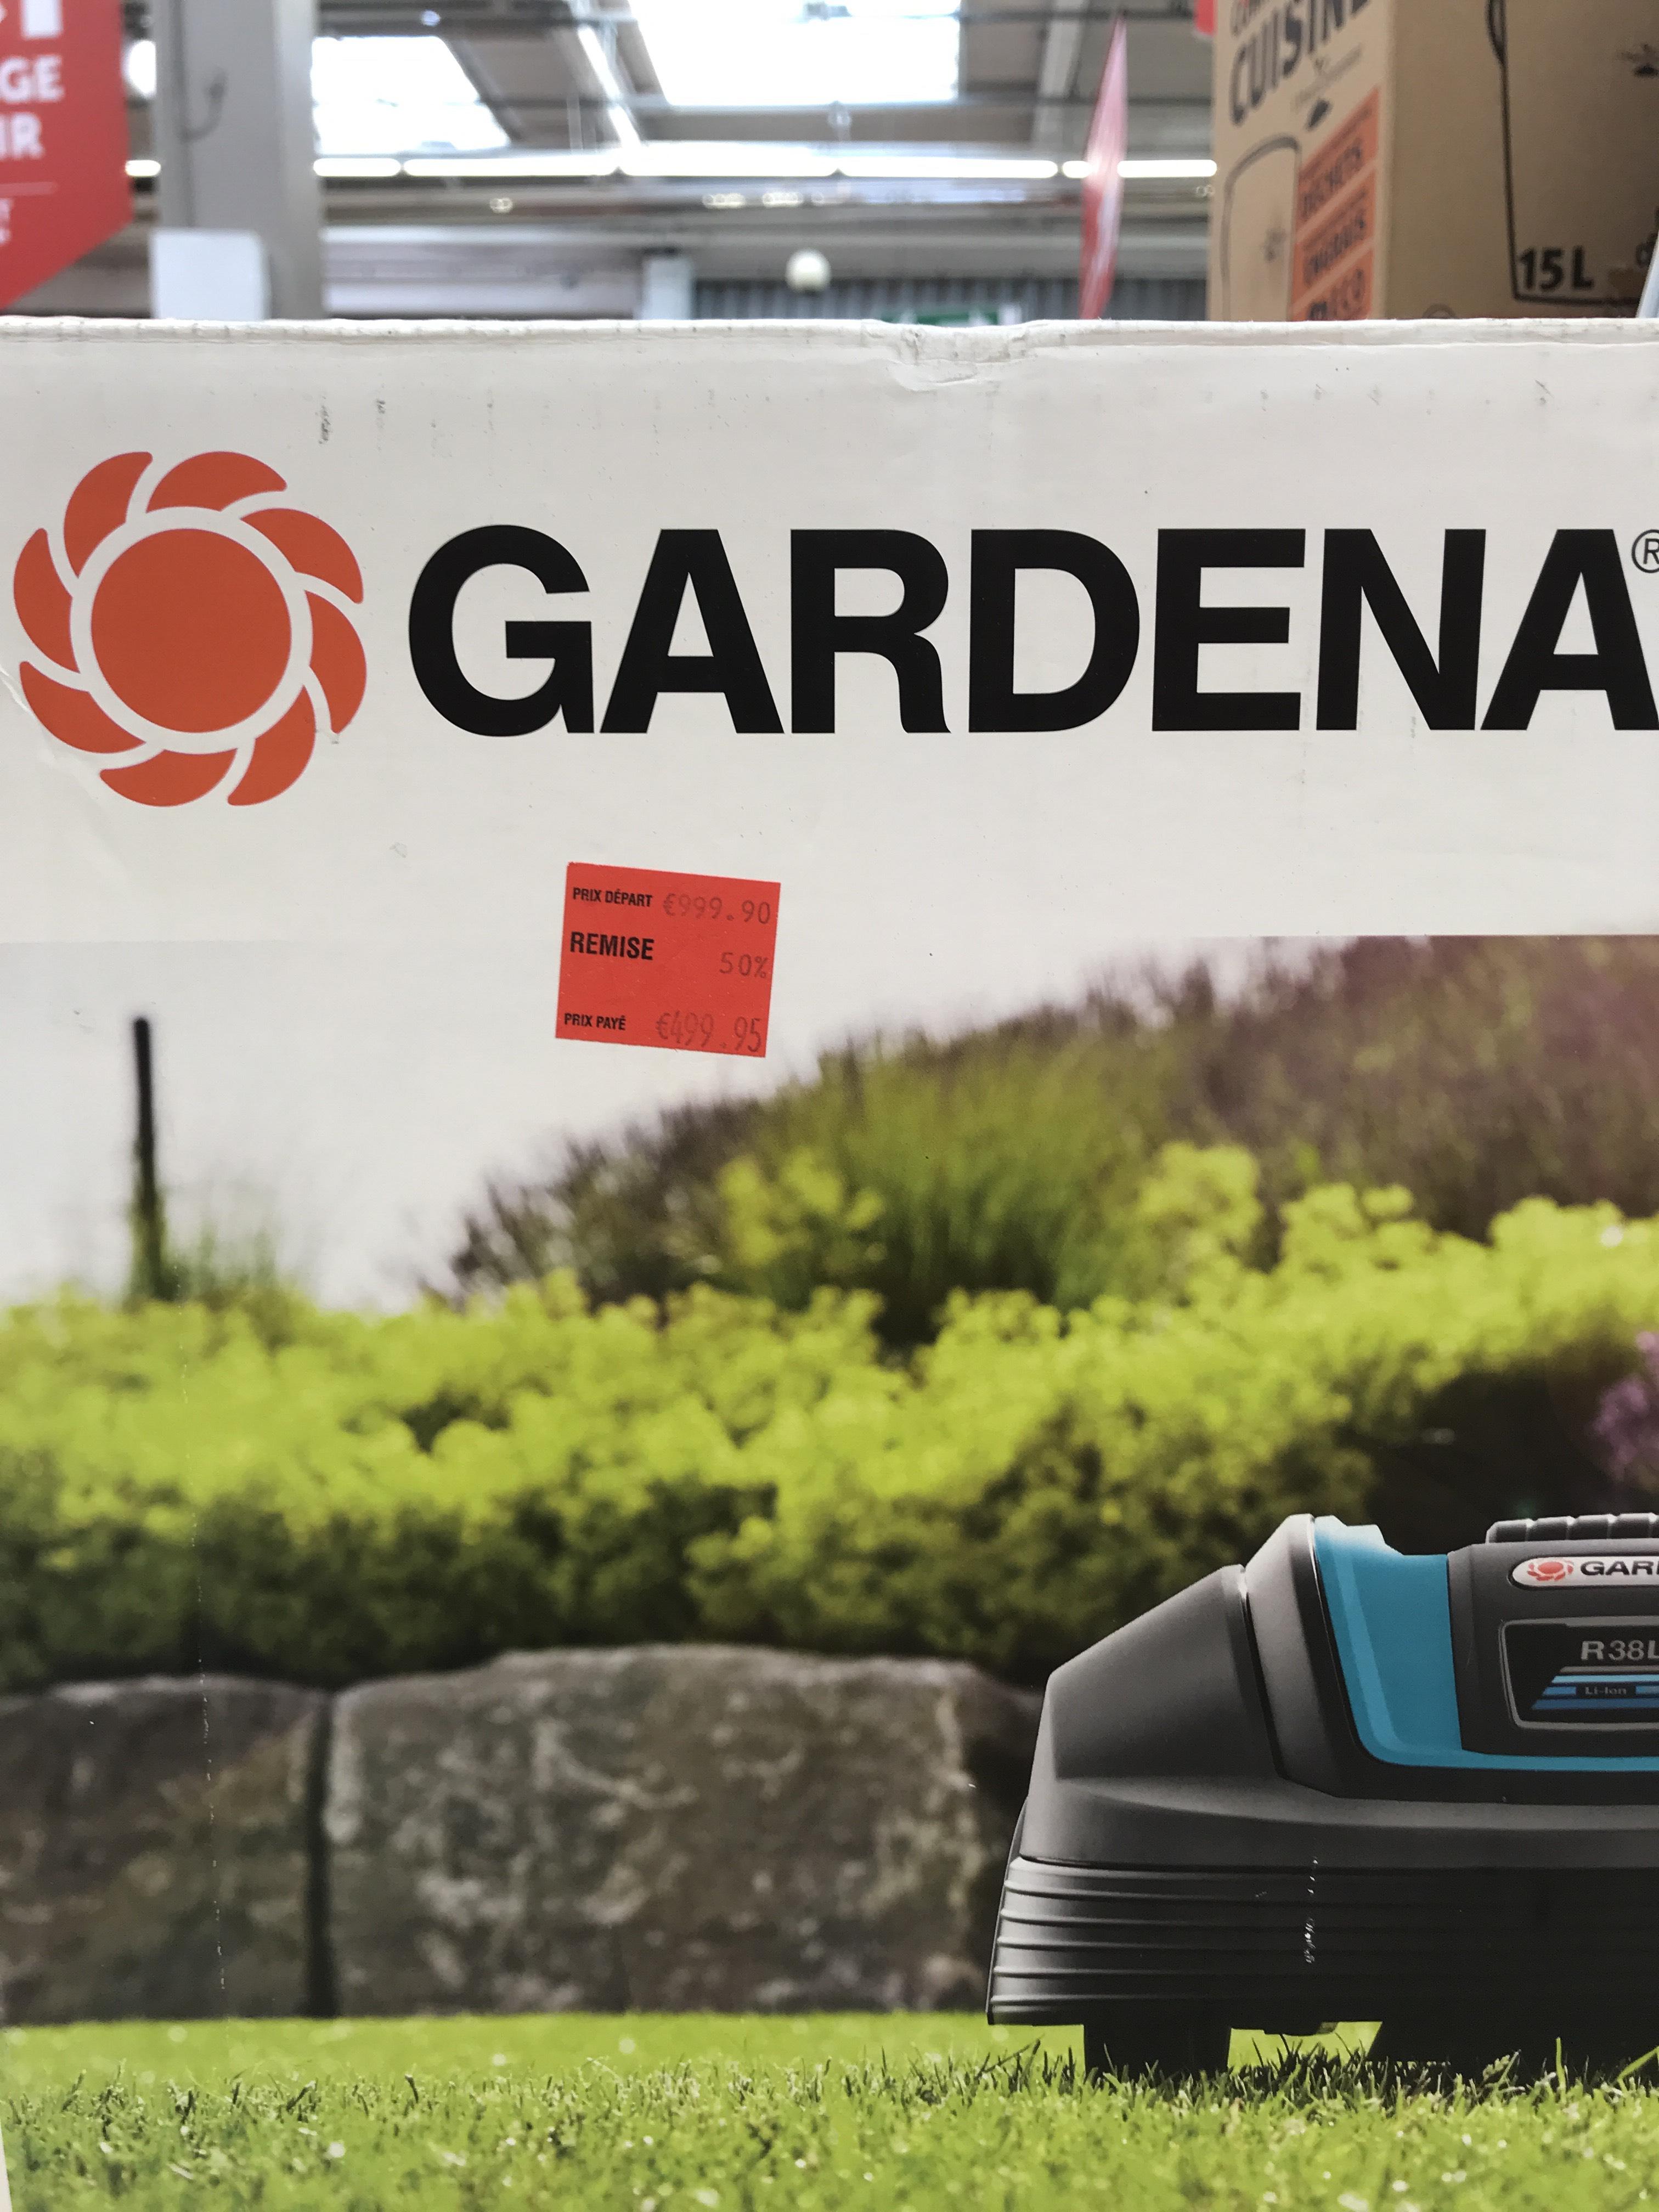 Tondeuse robot Gardena - Quetigny (21)